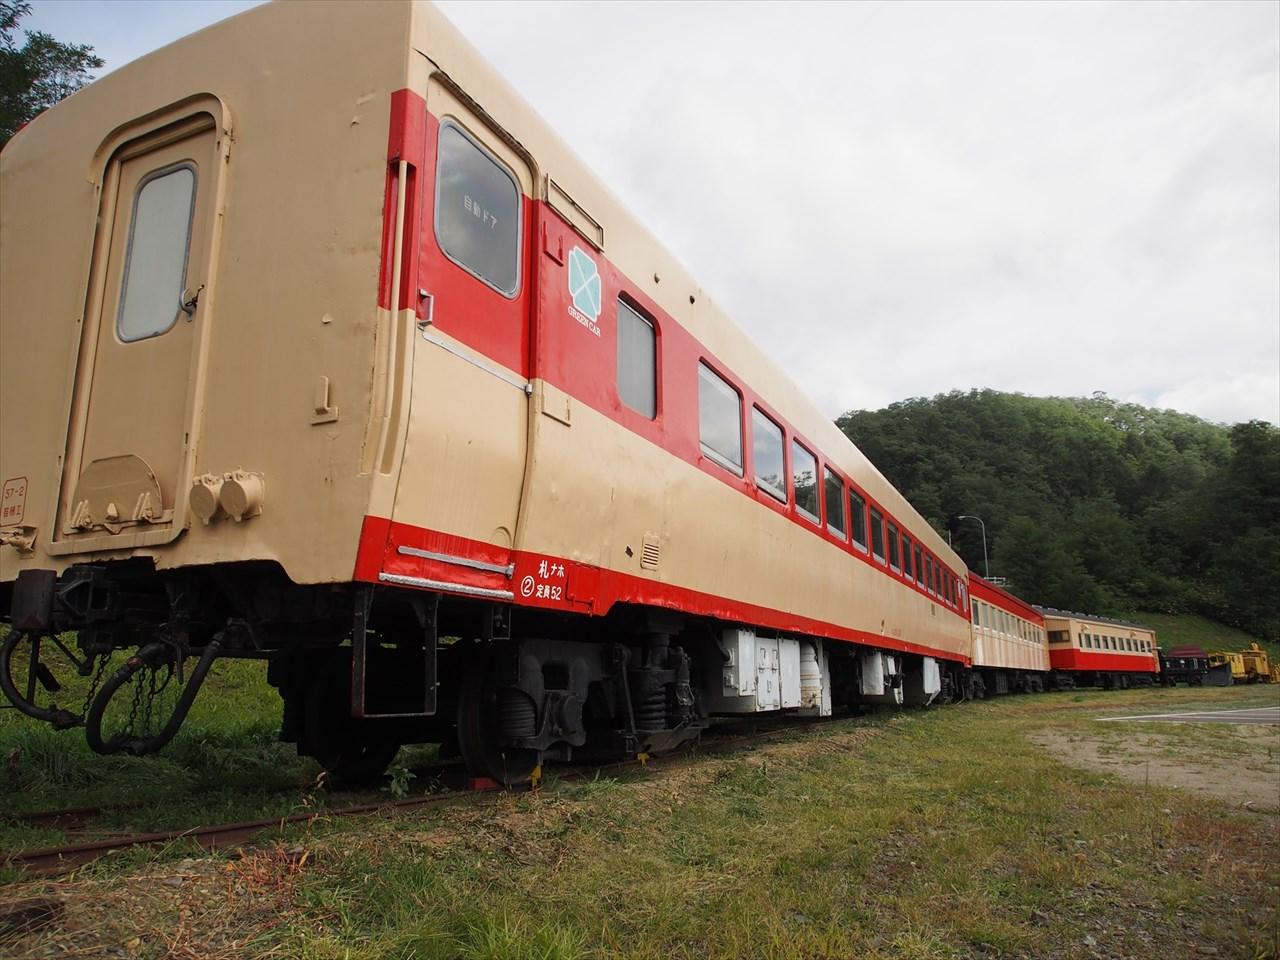 三笠鉄道村の駐車場に置かれた車両その1